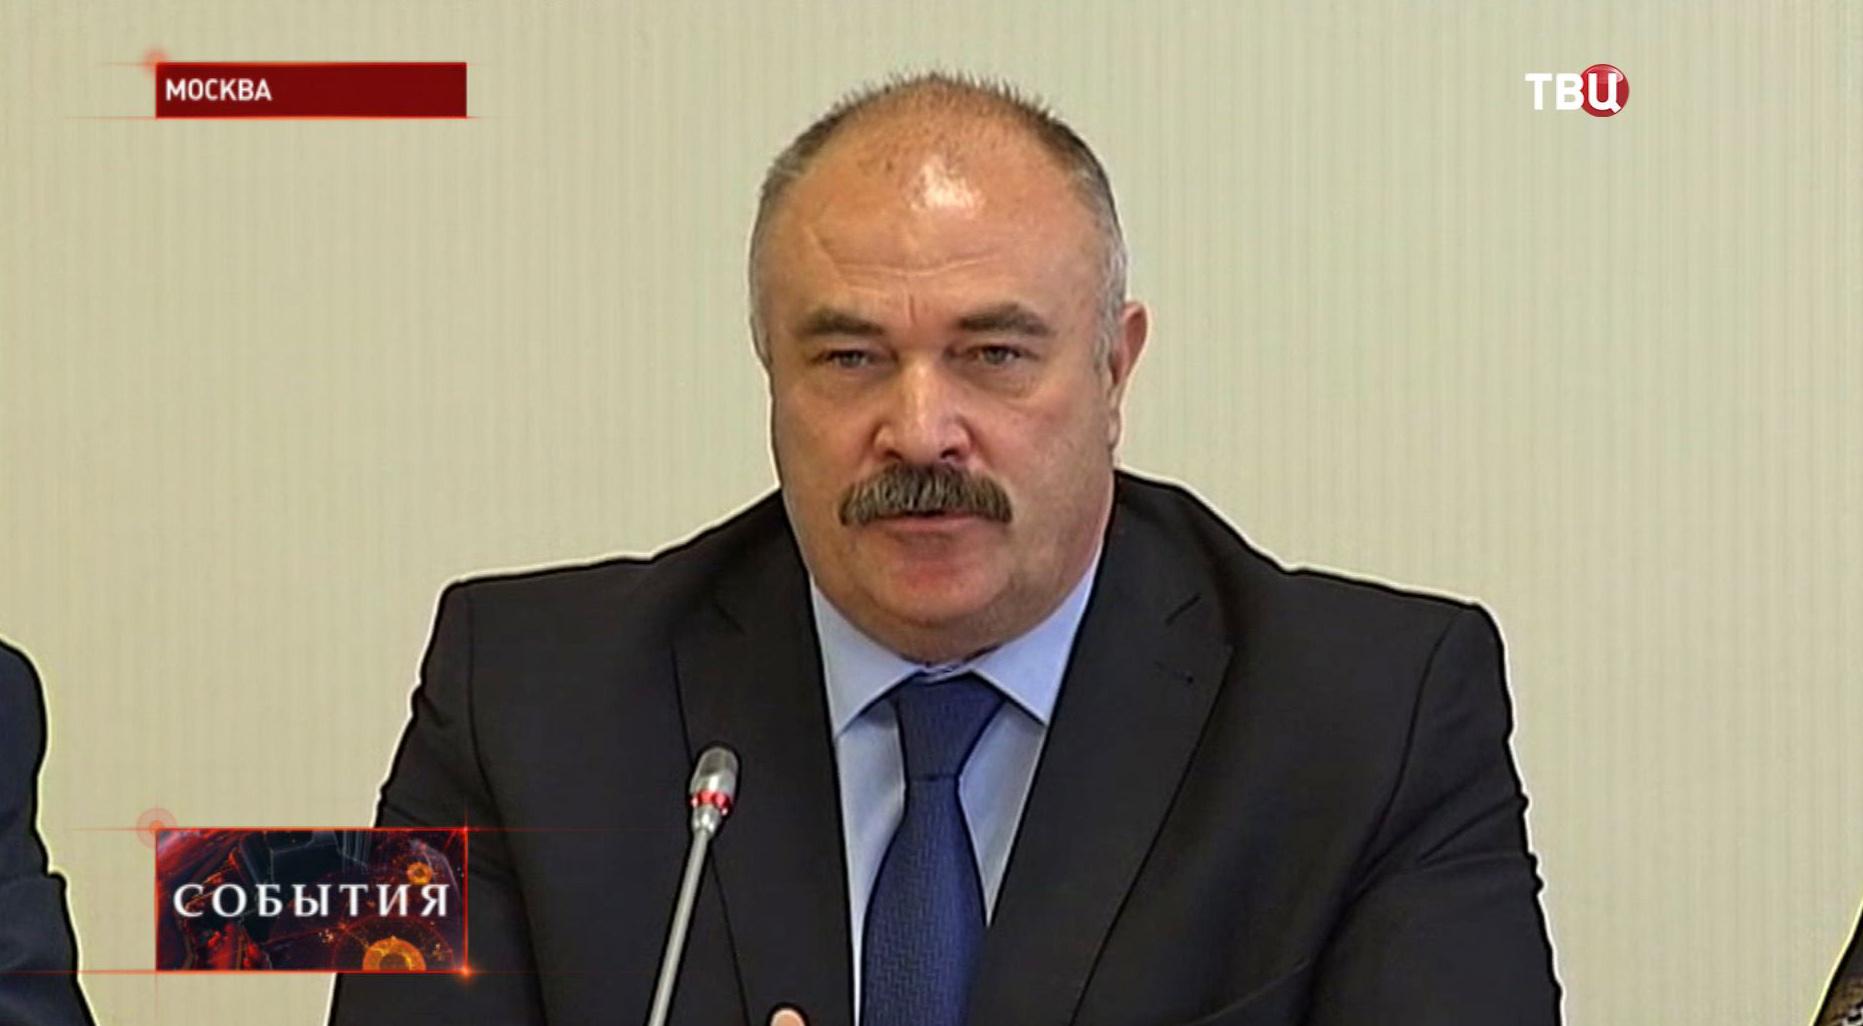 Исполняющий обязанности руководителя Департамента труда и занятости населения Вадим Кудряшов